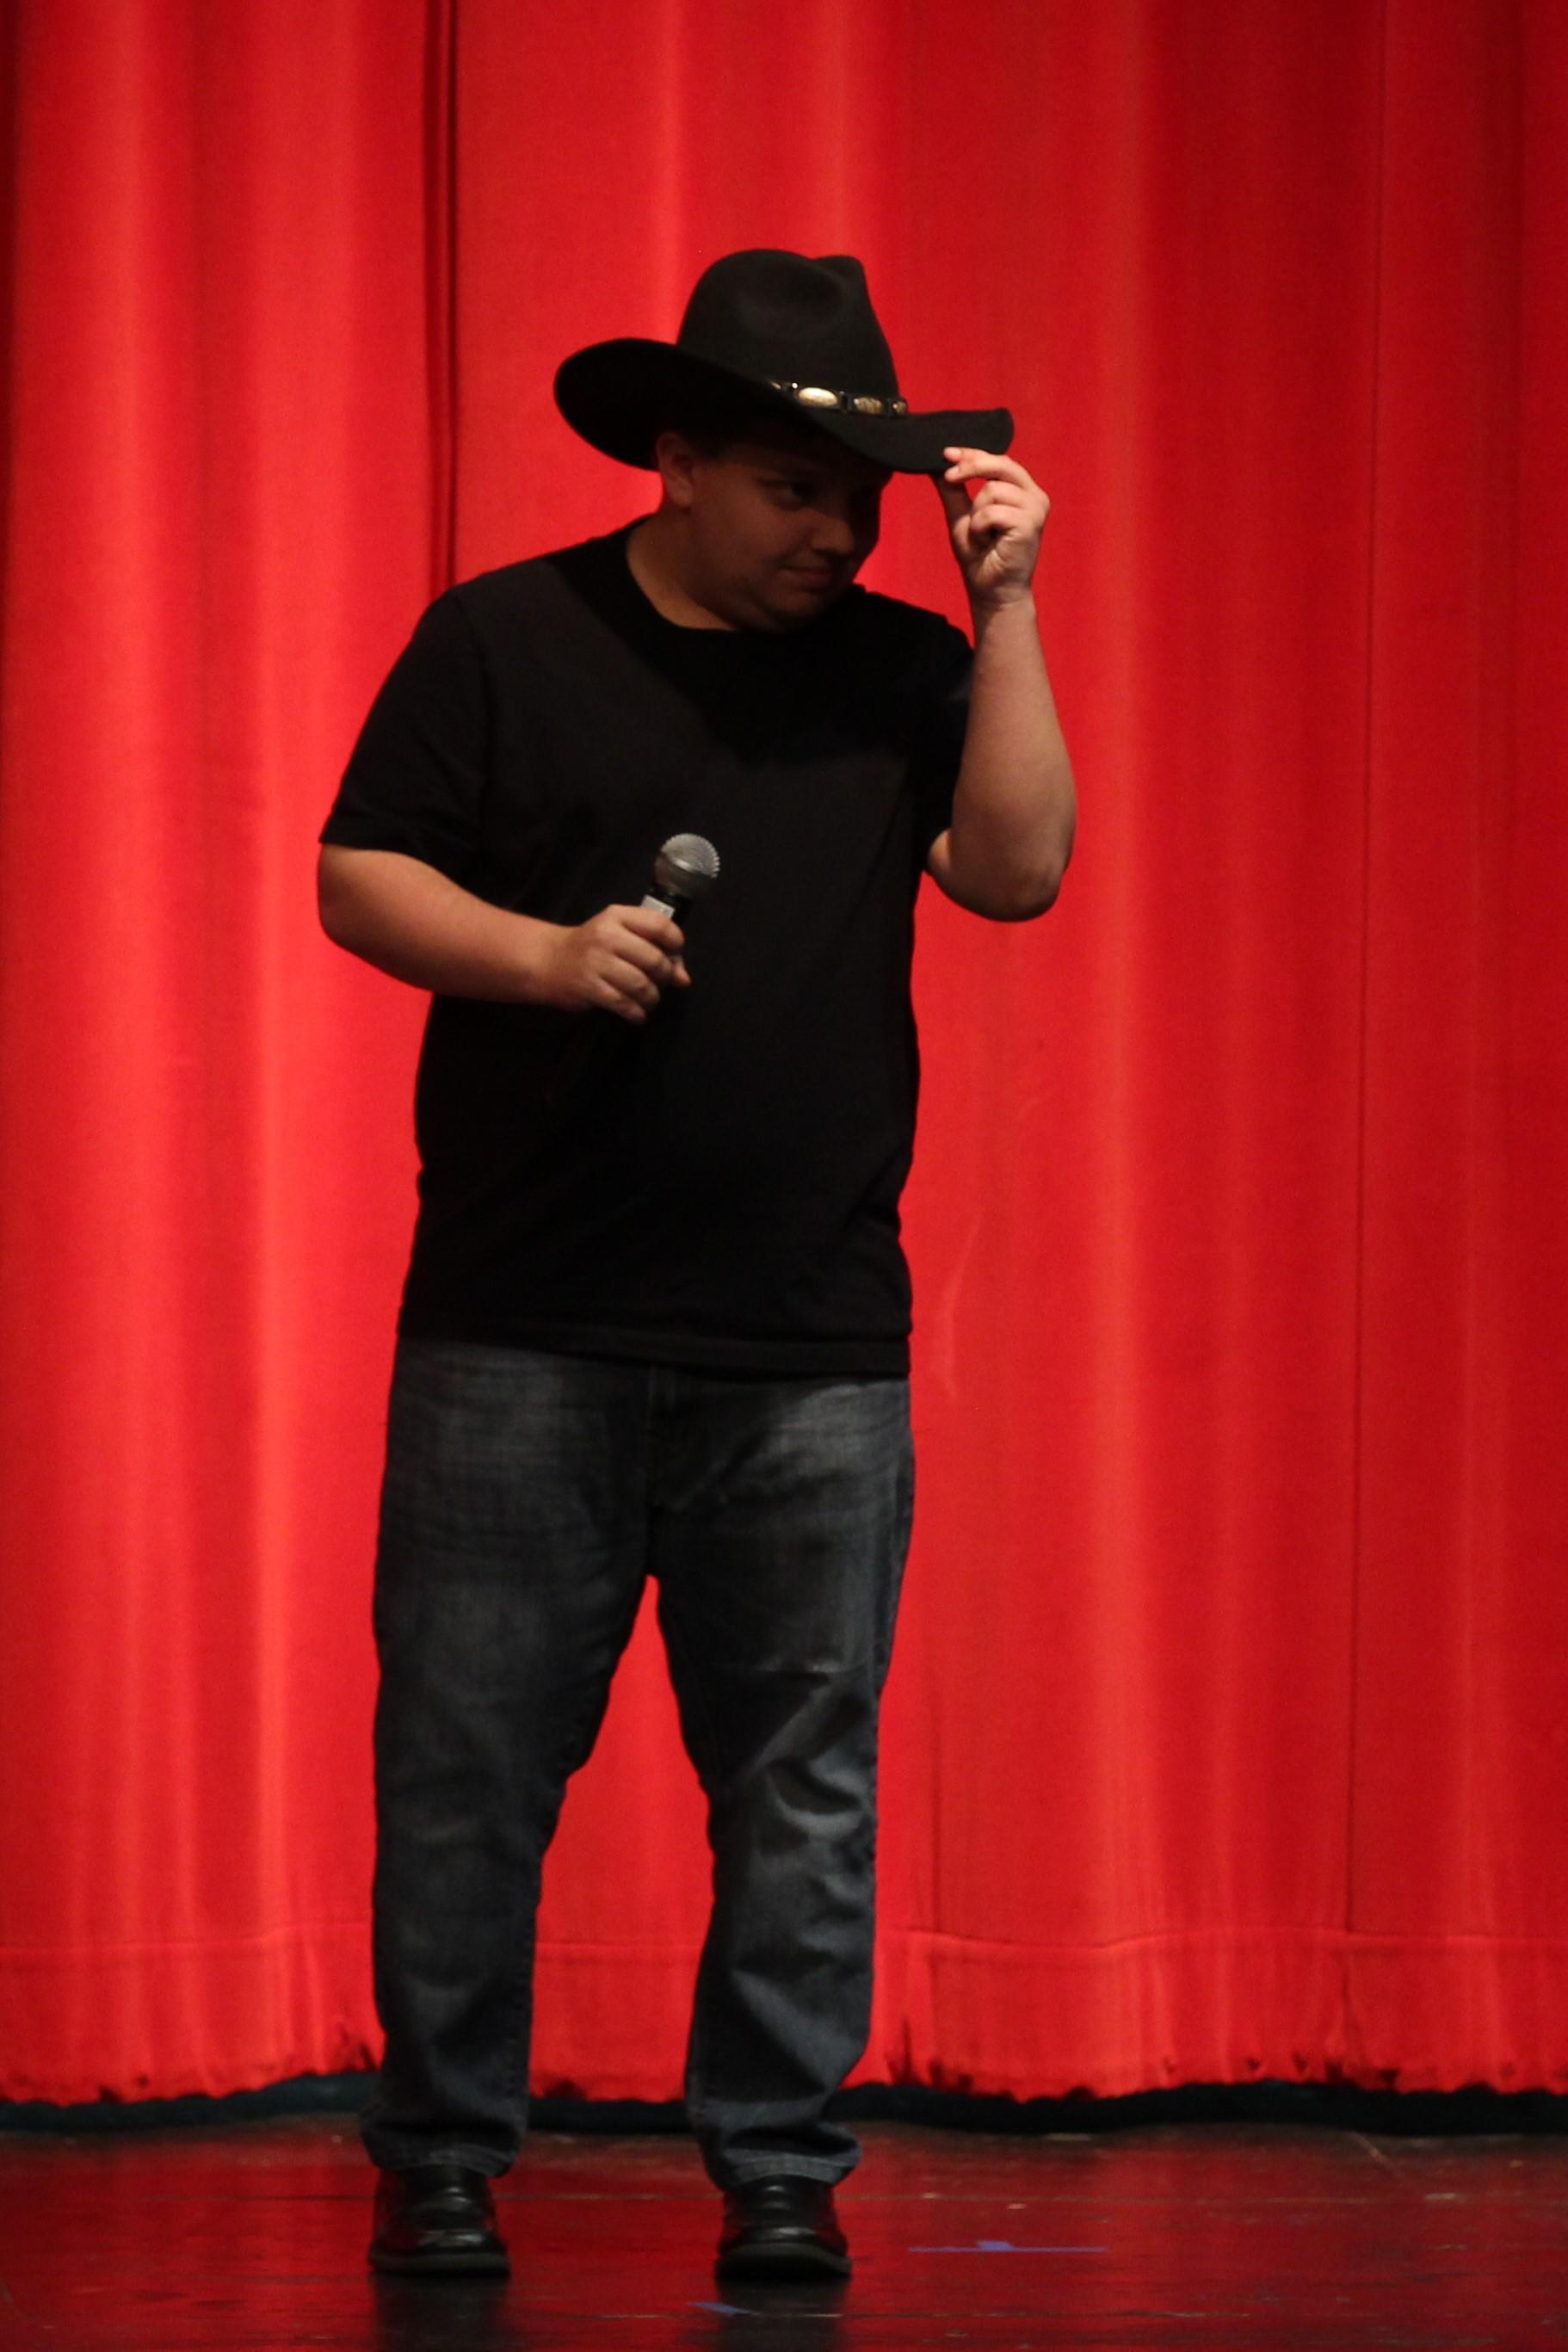 Jaxon Powell singing at the Talent Show